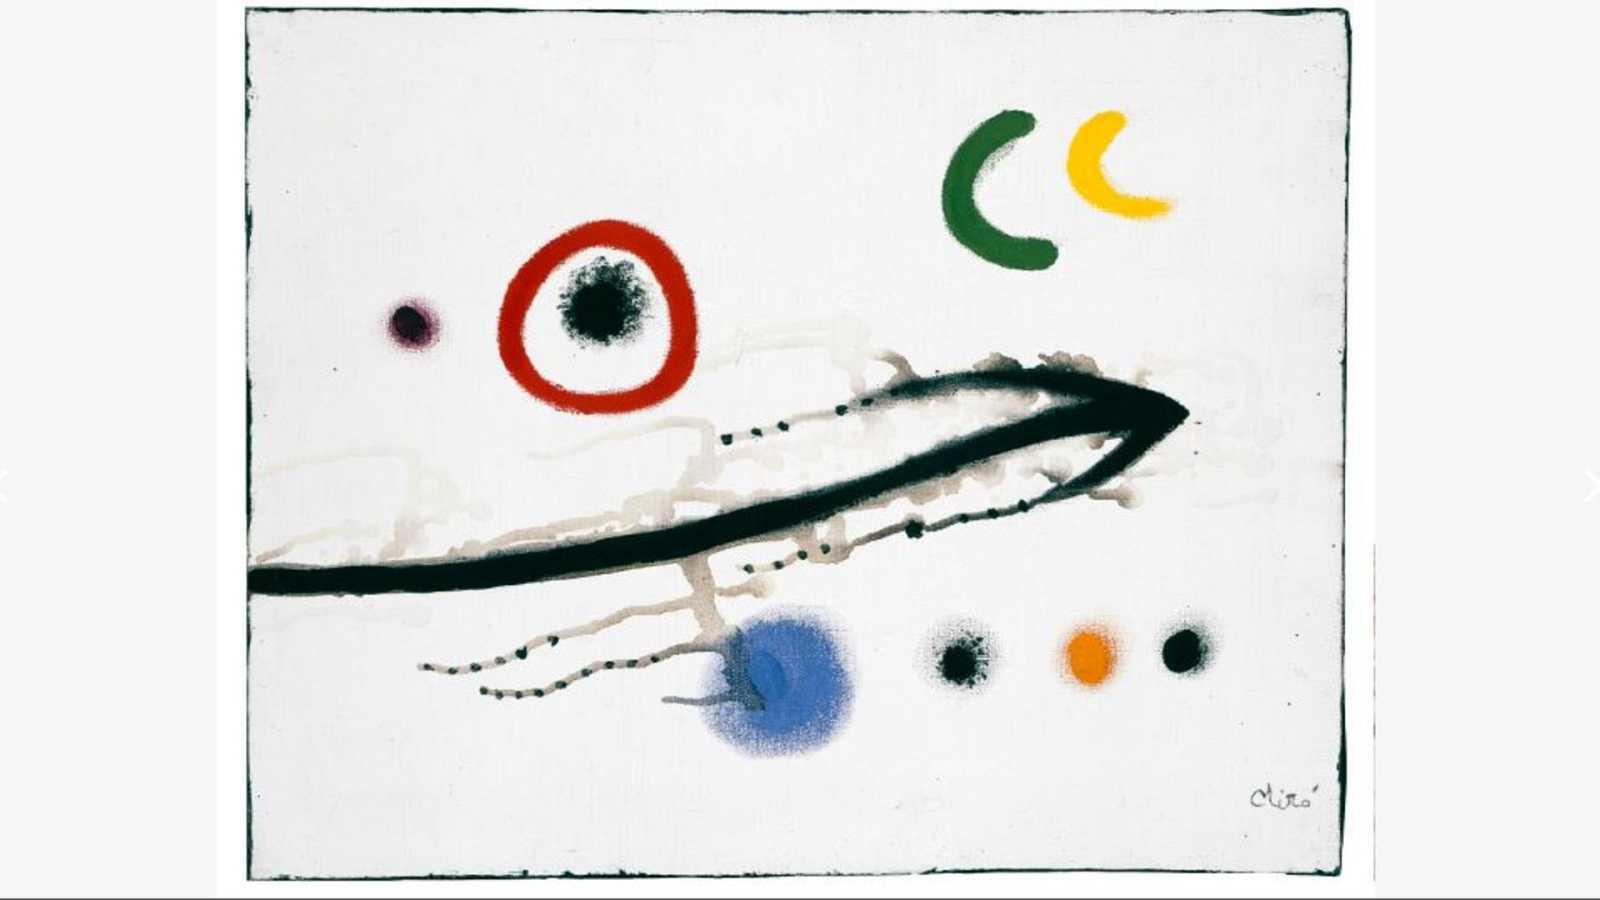 Las Mañanas de Radio Nacional con Pepa Fernández - Una exposición única sobre Joan Miró en La Fundación Barrie - Escuchar ahora